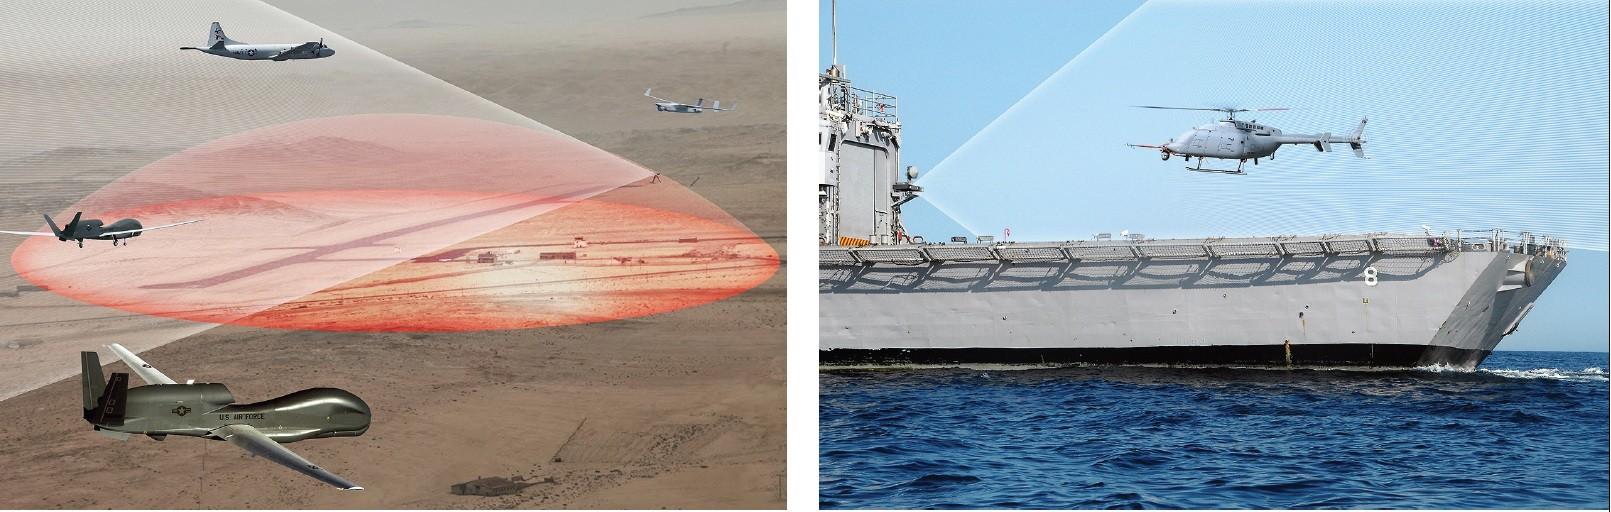 美国研无人机激光导航着陆技术 可抵抗GPS干扰